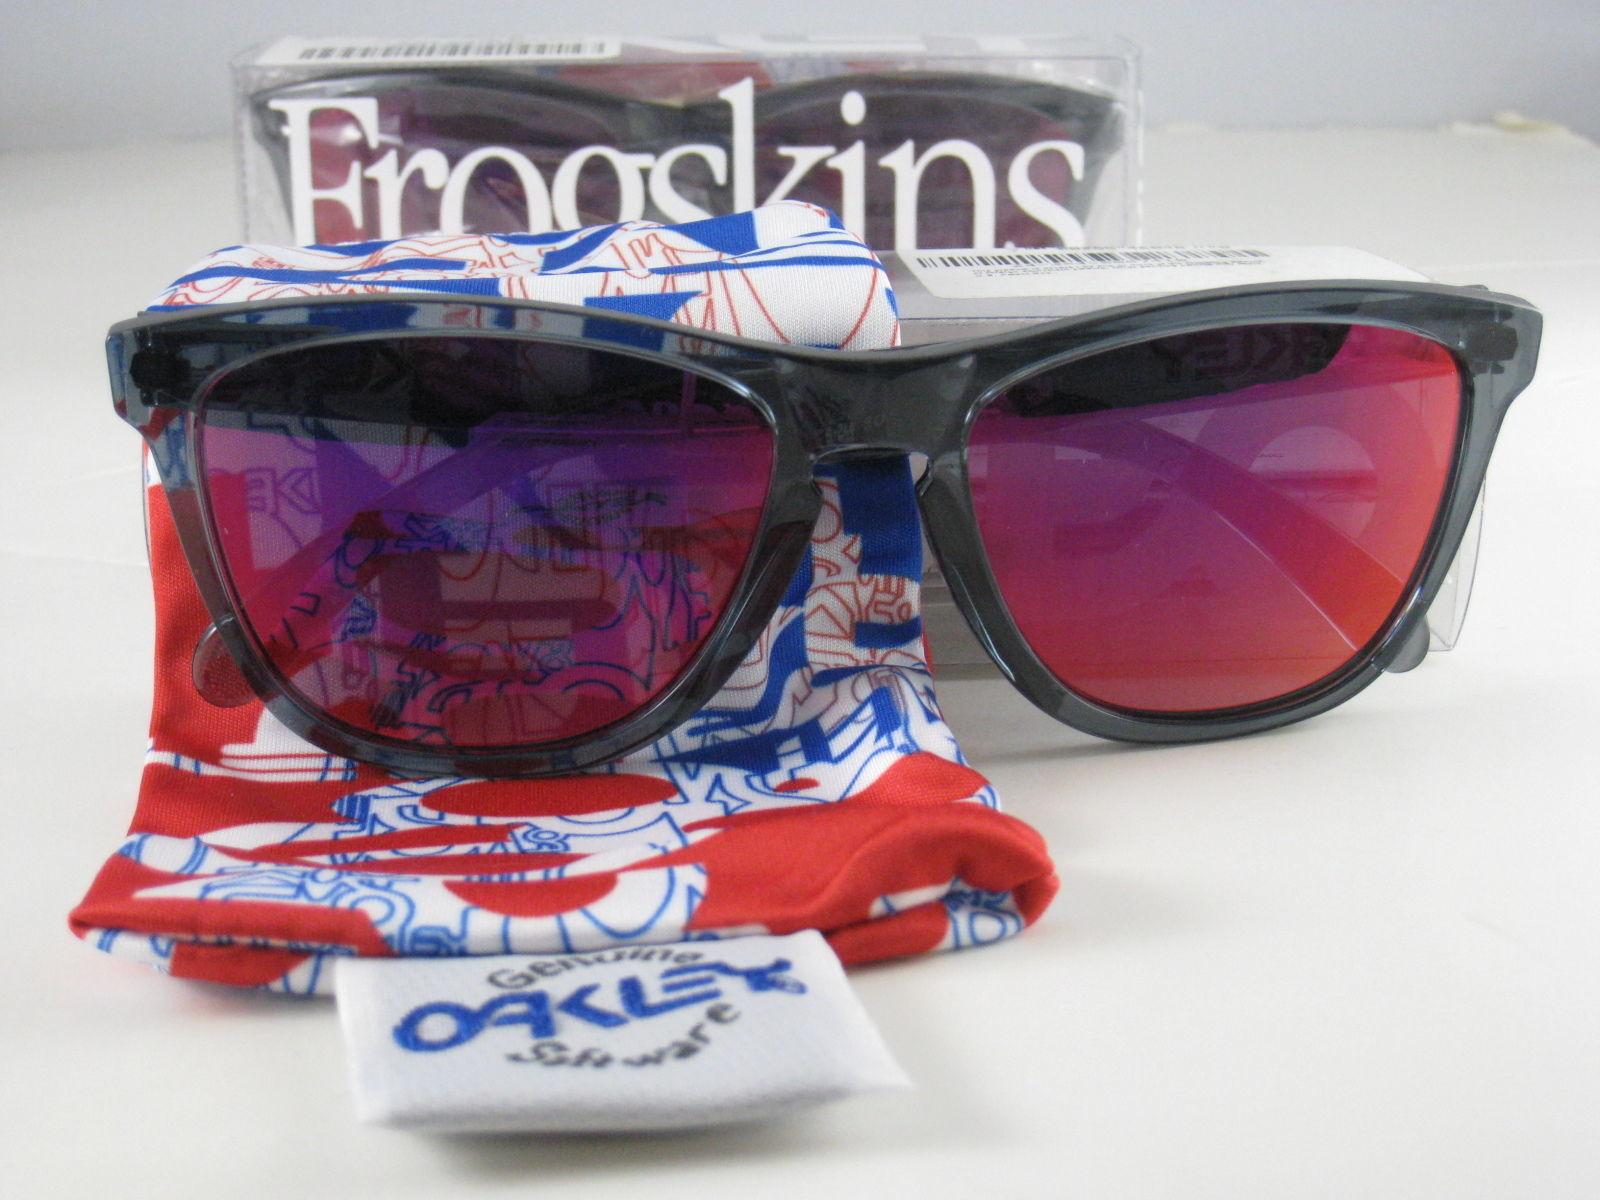 Oakley Frogskins Edición Limitada Cristal Negro W/ IRIDIO Rubí 24-244